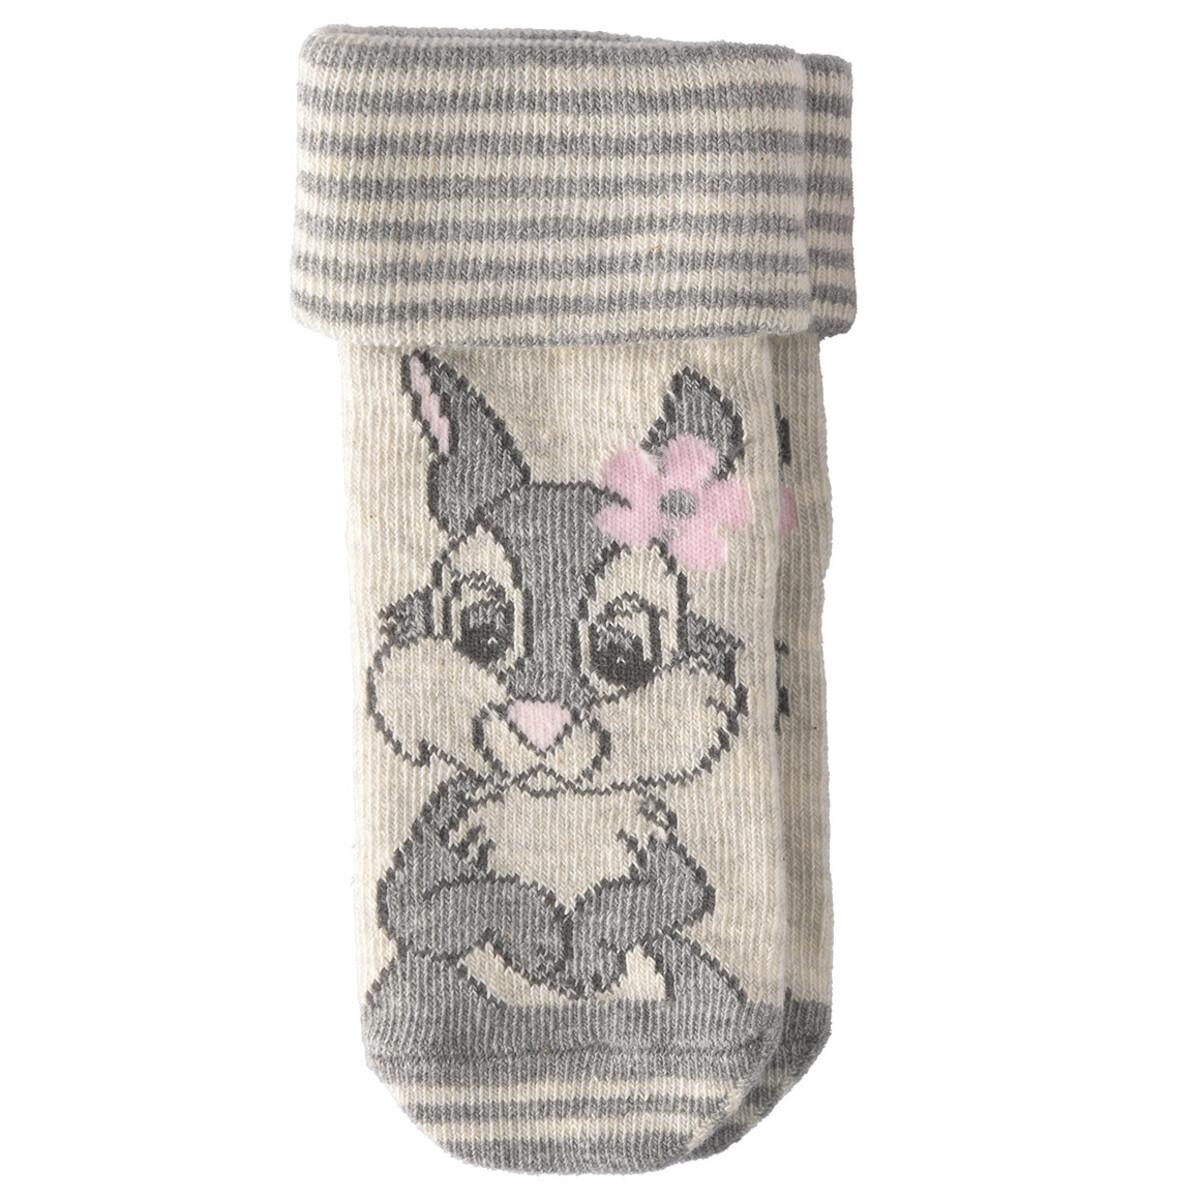 Bild 3 von 3 Paar Bambi Socken im Set